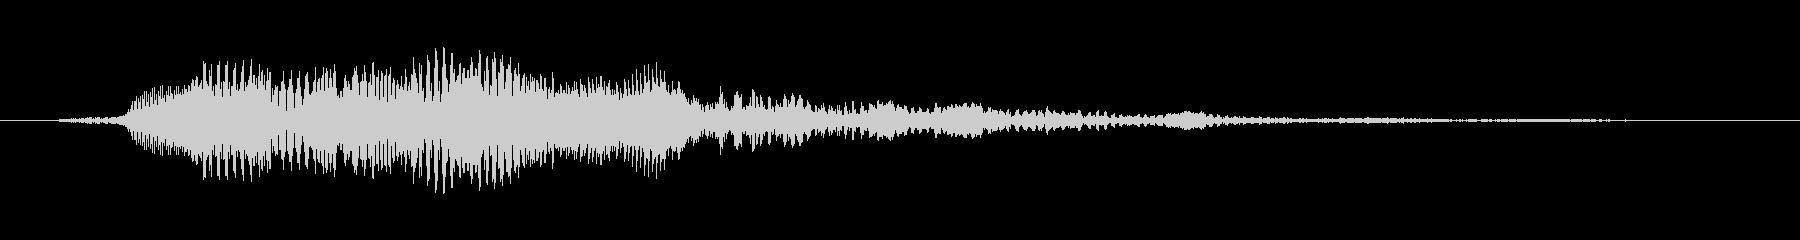 決定/ボタン押下音(アプリ向け)の未再生の波形